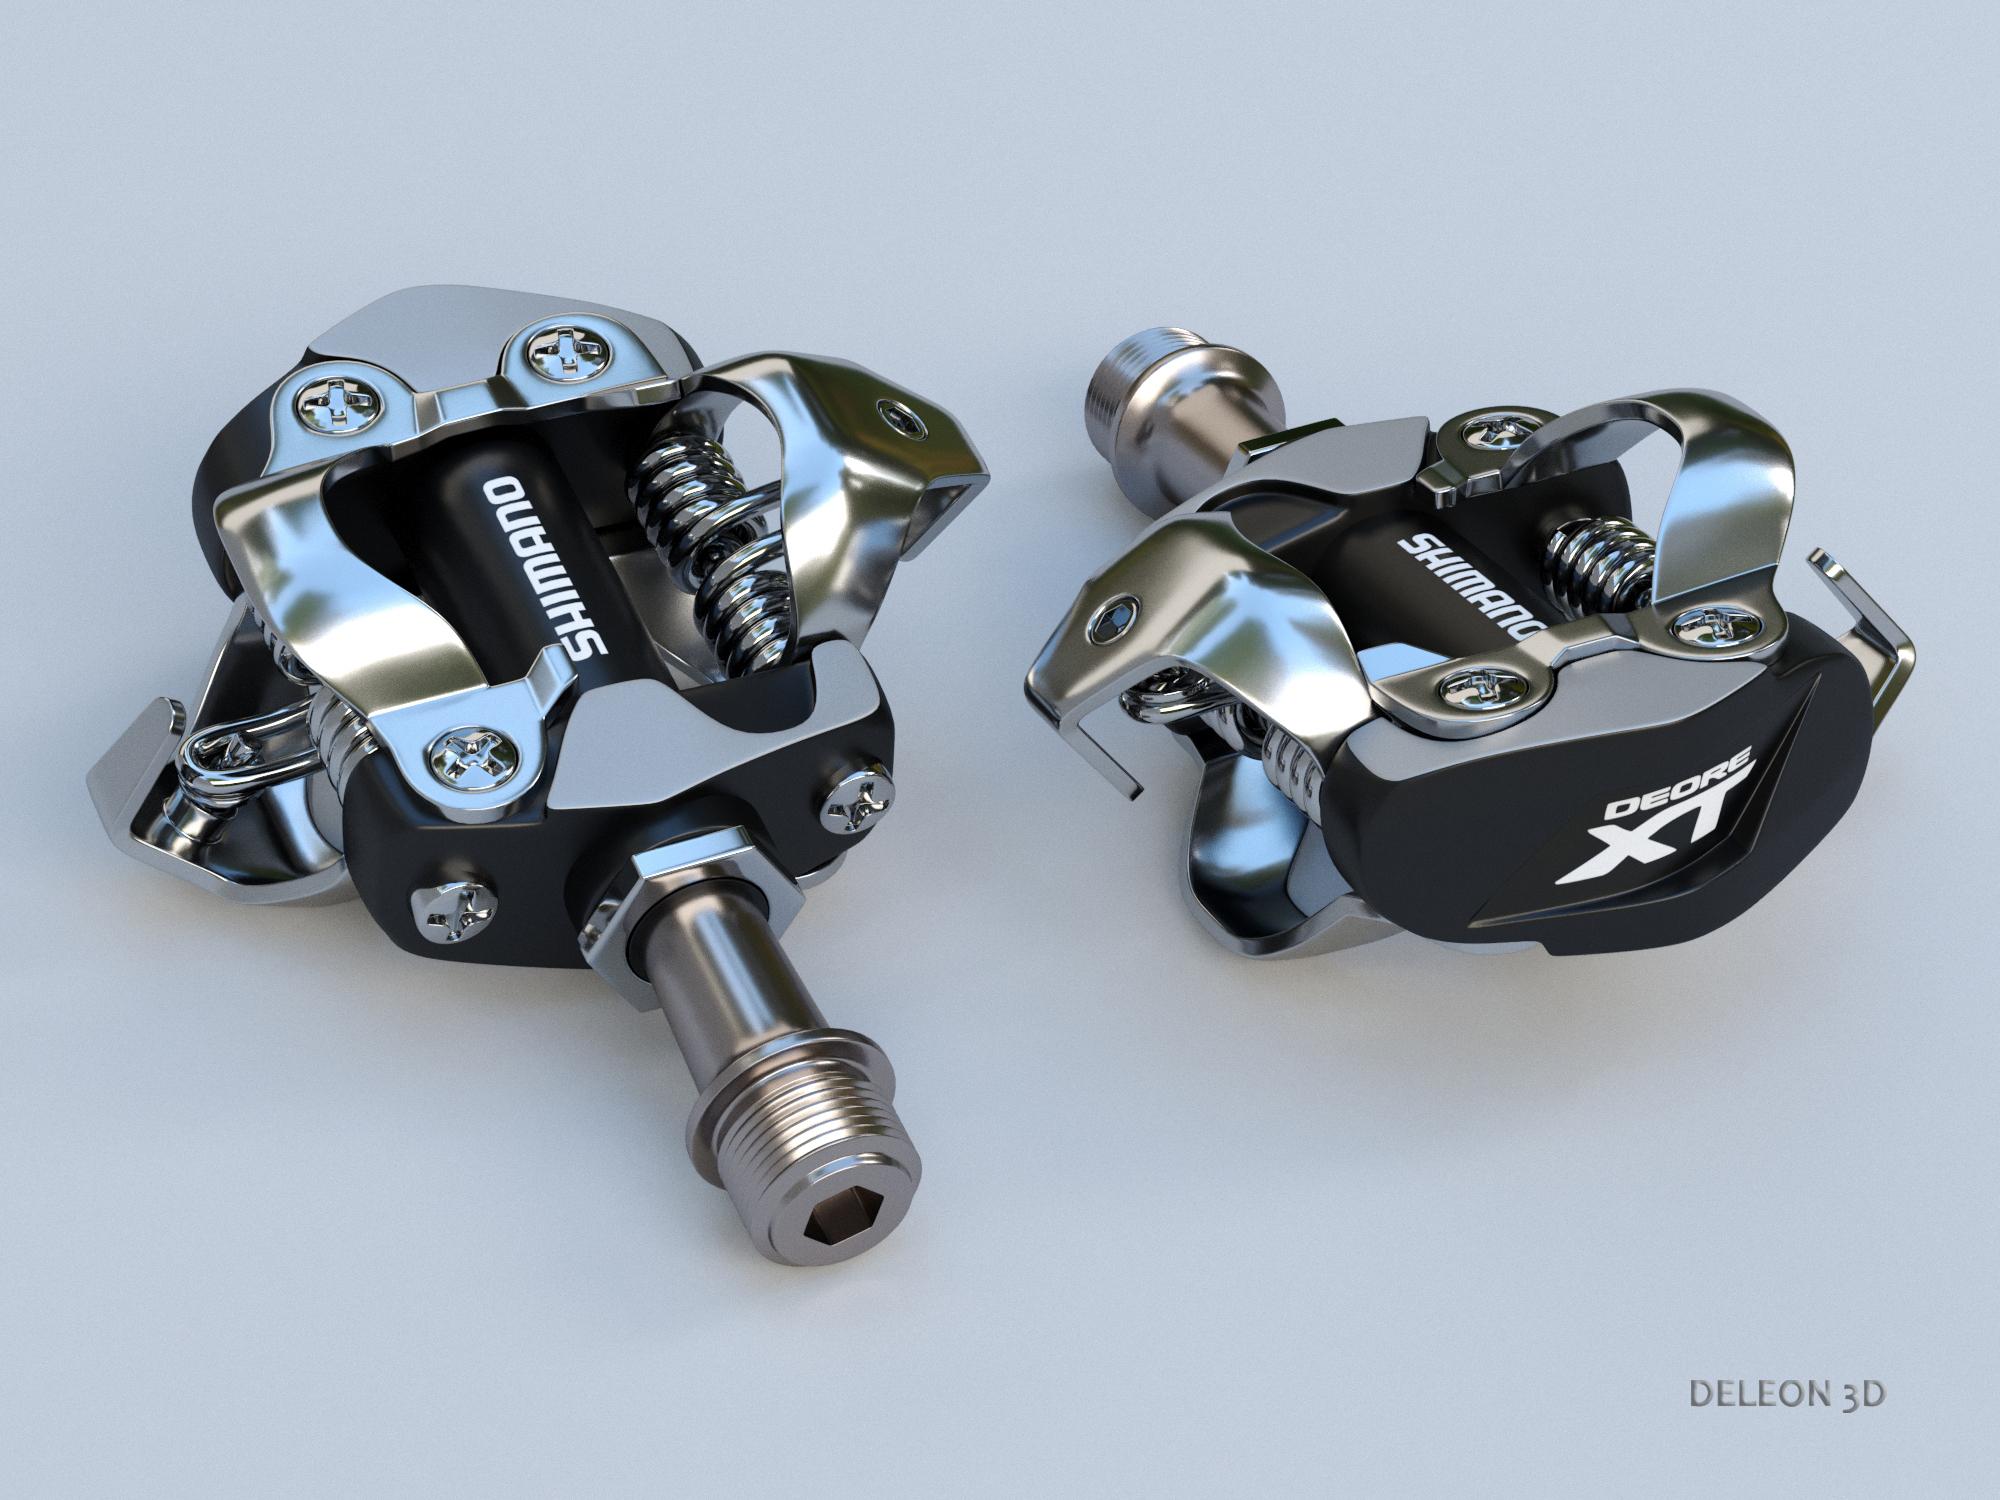 clipless shimano spd pedals 3d model max fbx c4d lxo 279526